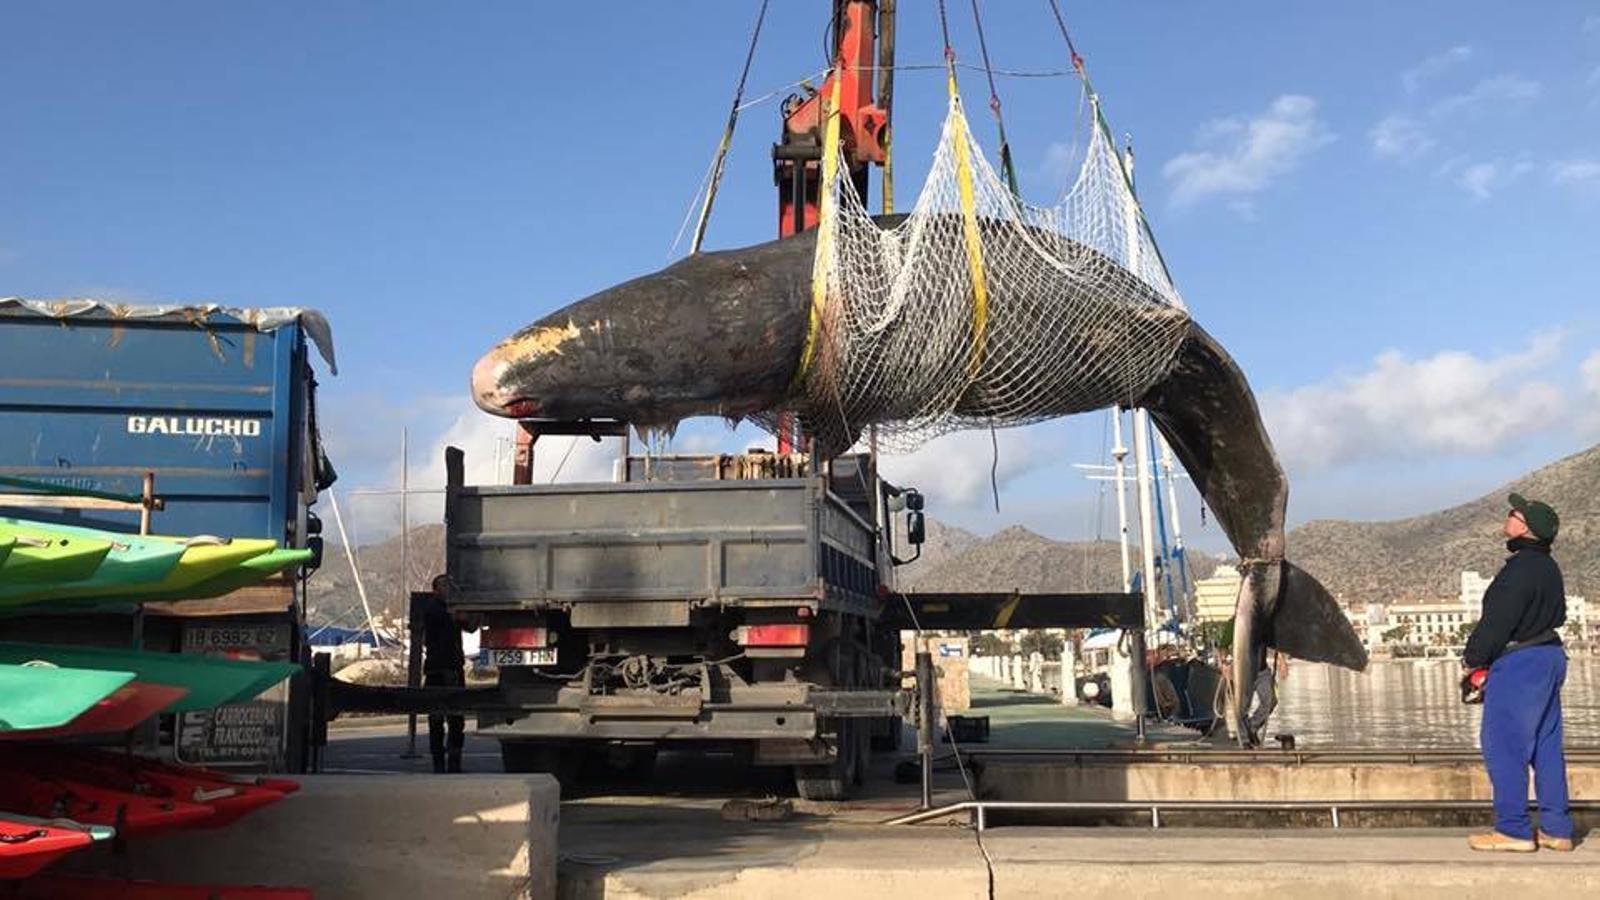 Un cadàver de catxalot de 6 tones es retirat del Port de Pollença